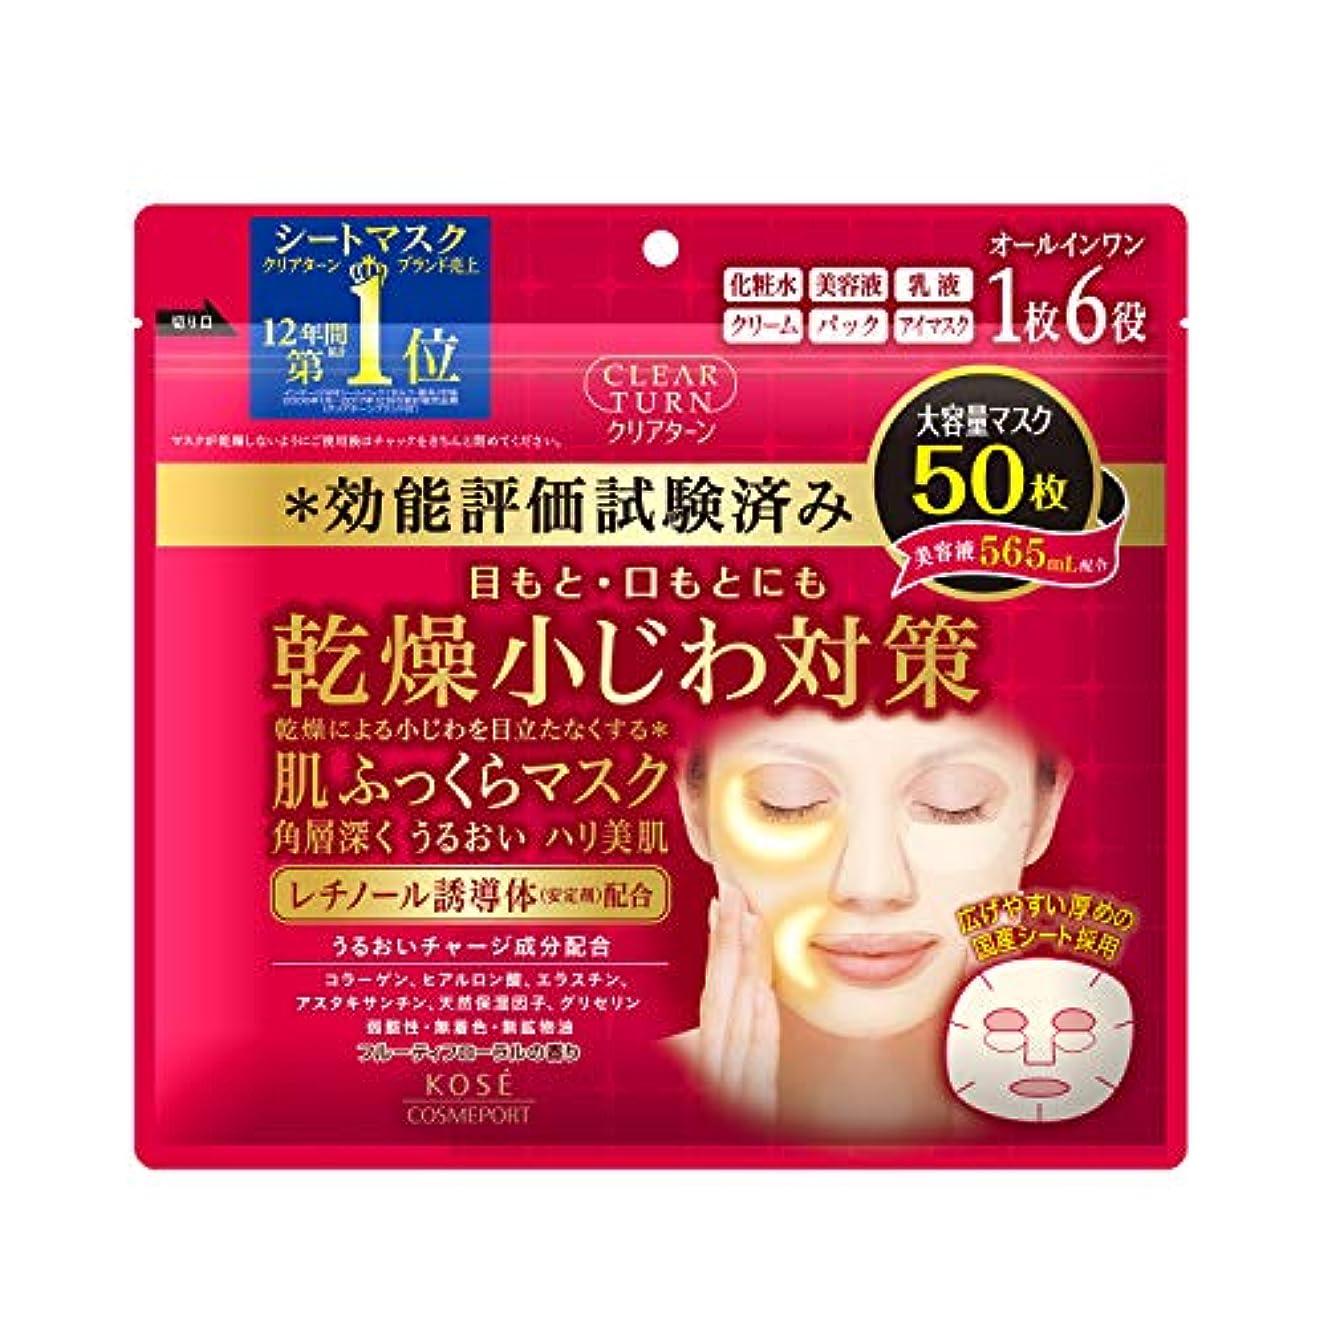 二層評価する潤滑するKOSE クリアターン 肌ふっくら マスク 50枚